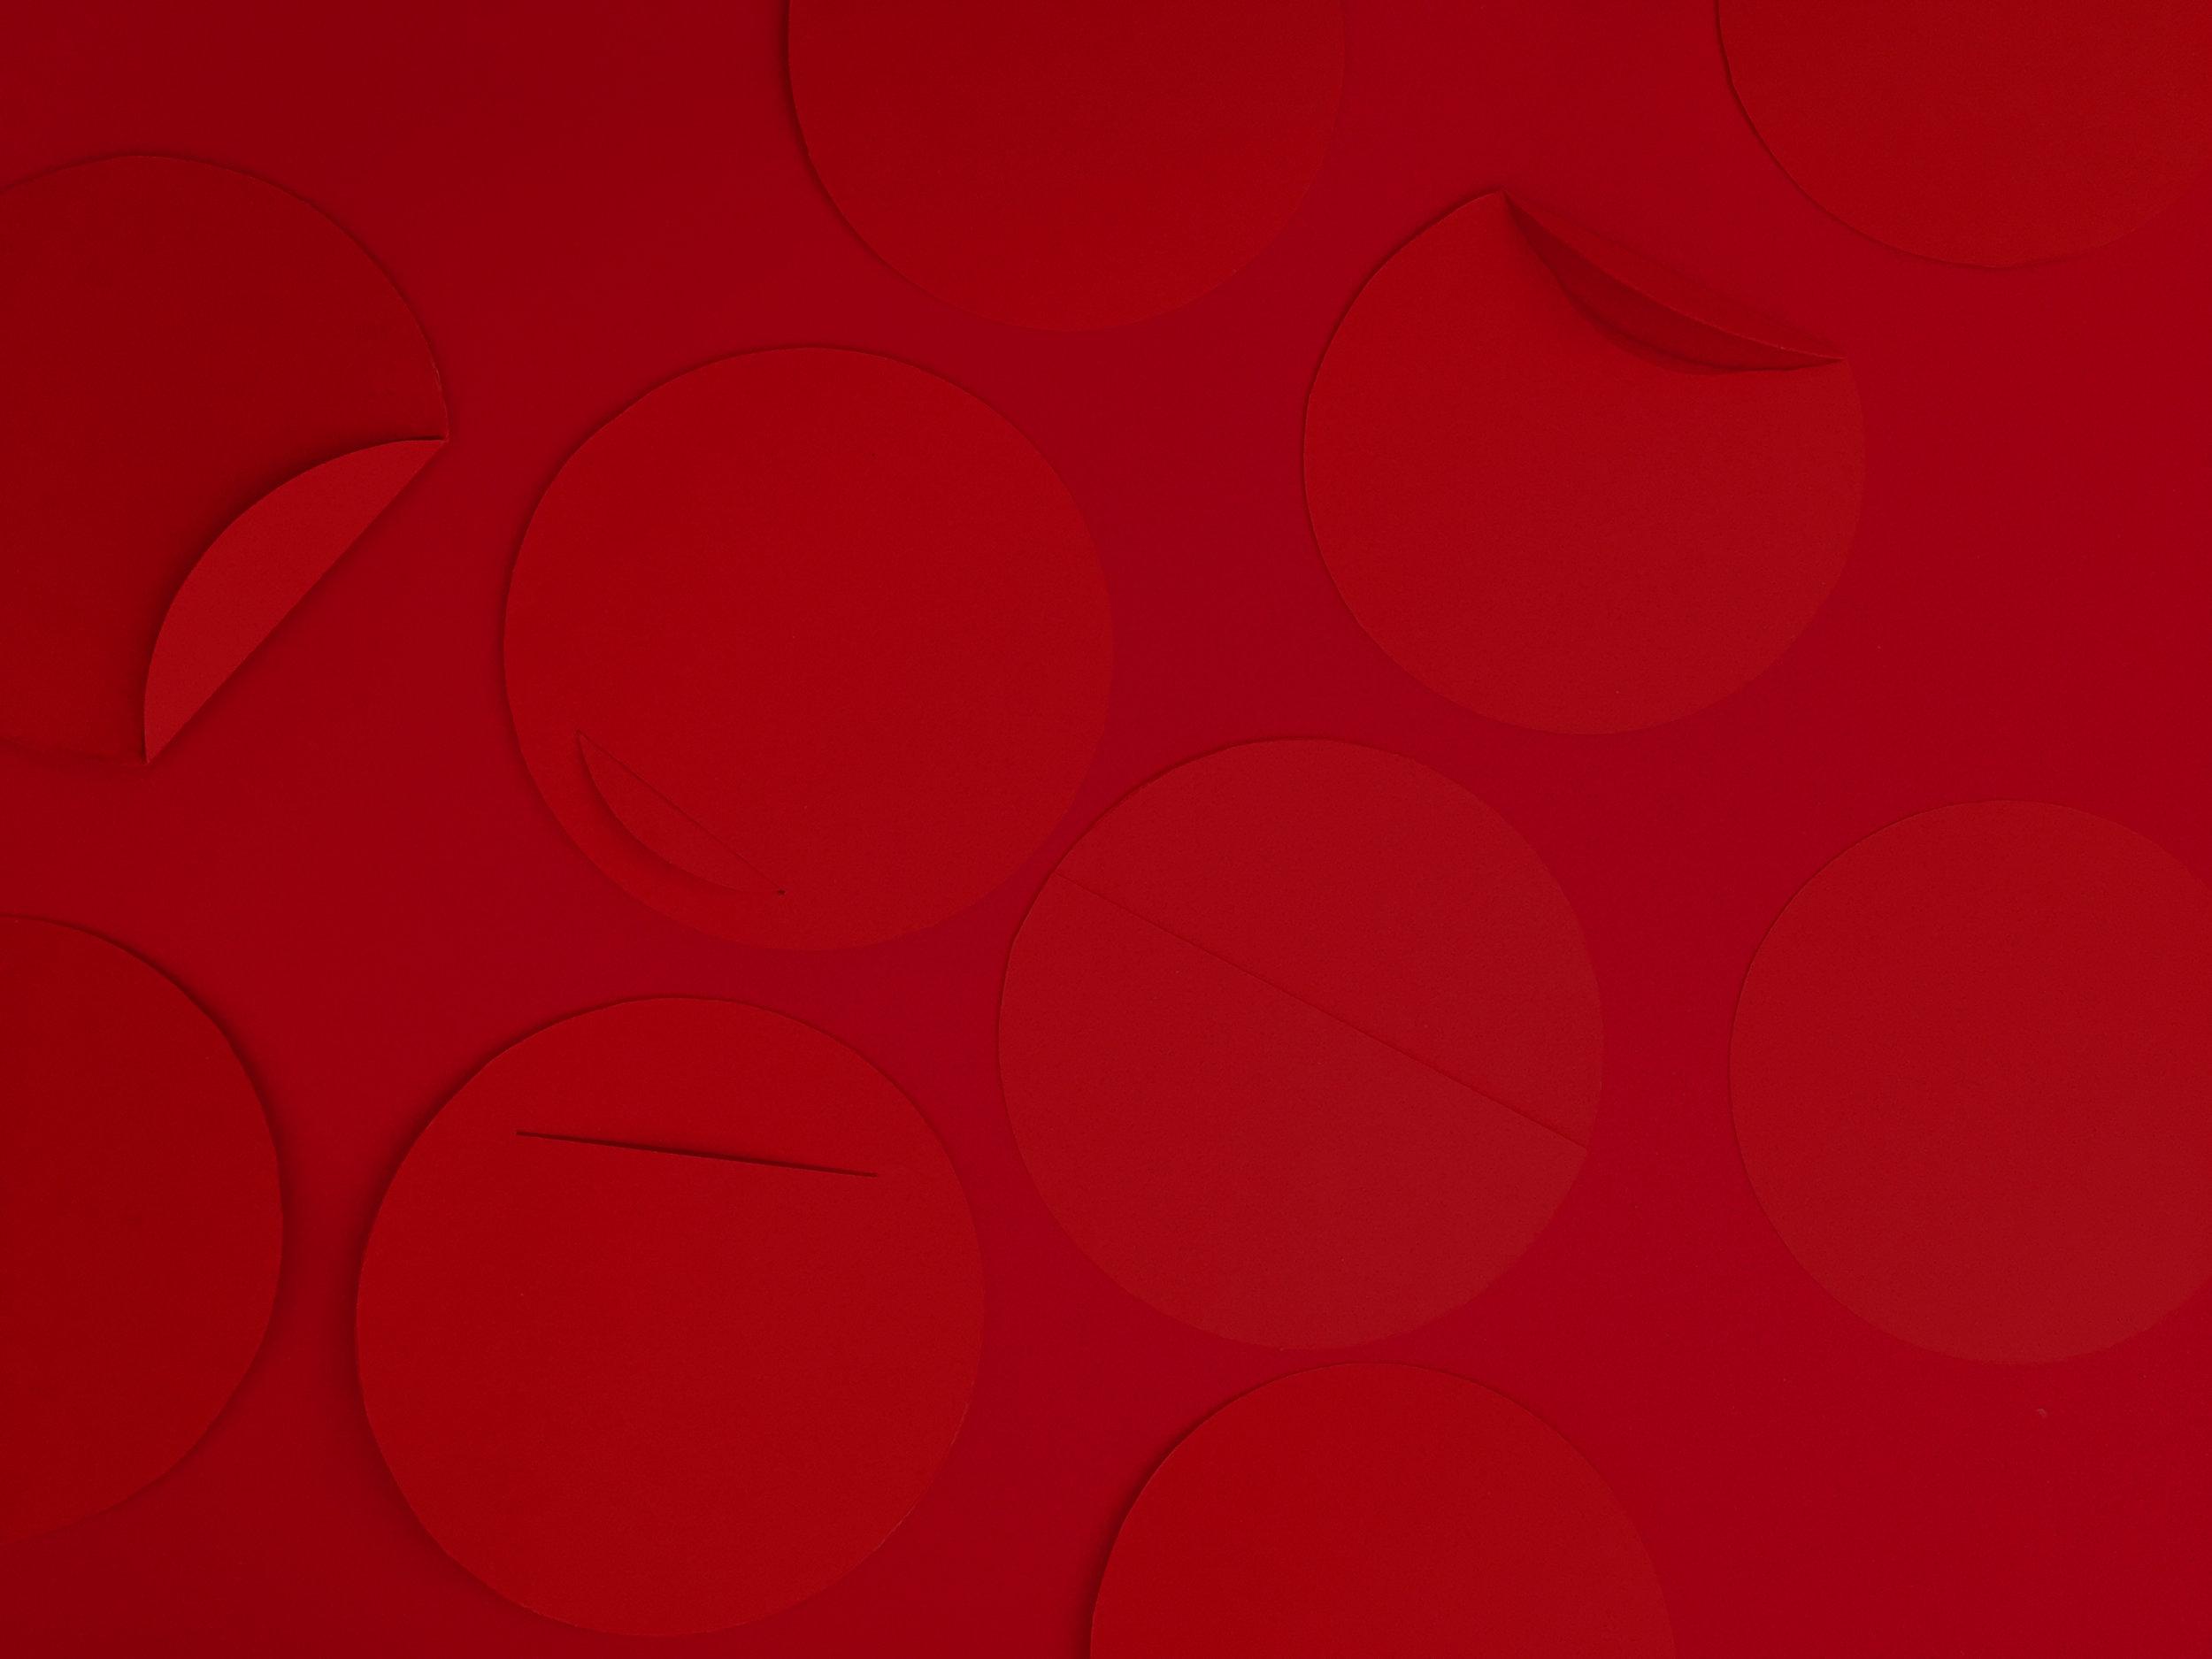 Red Pocket_Shel Han_7.jpg